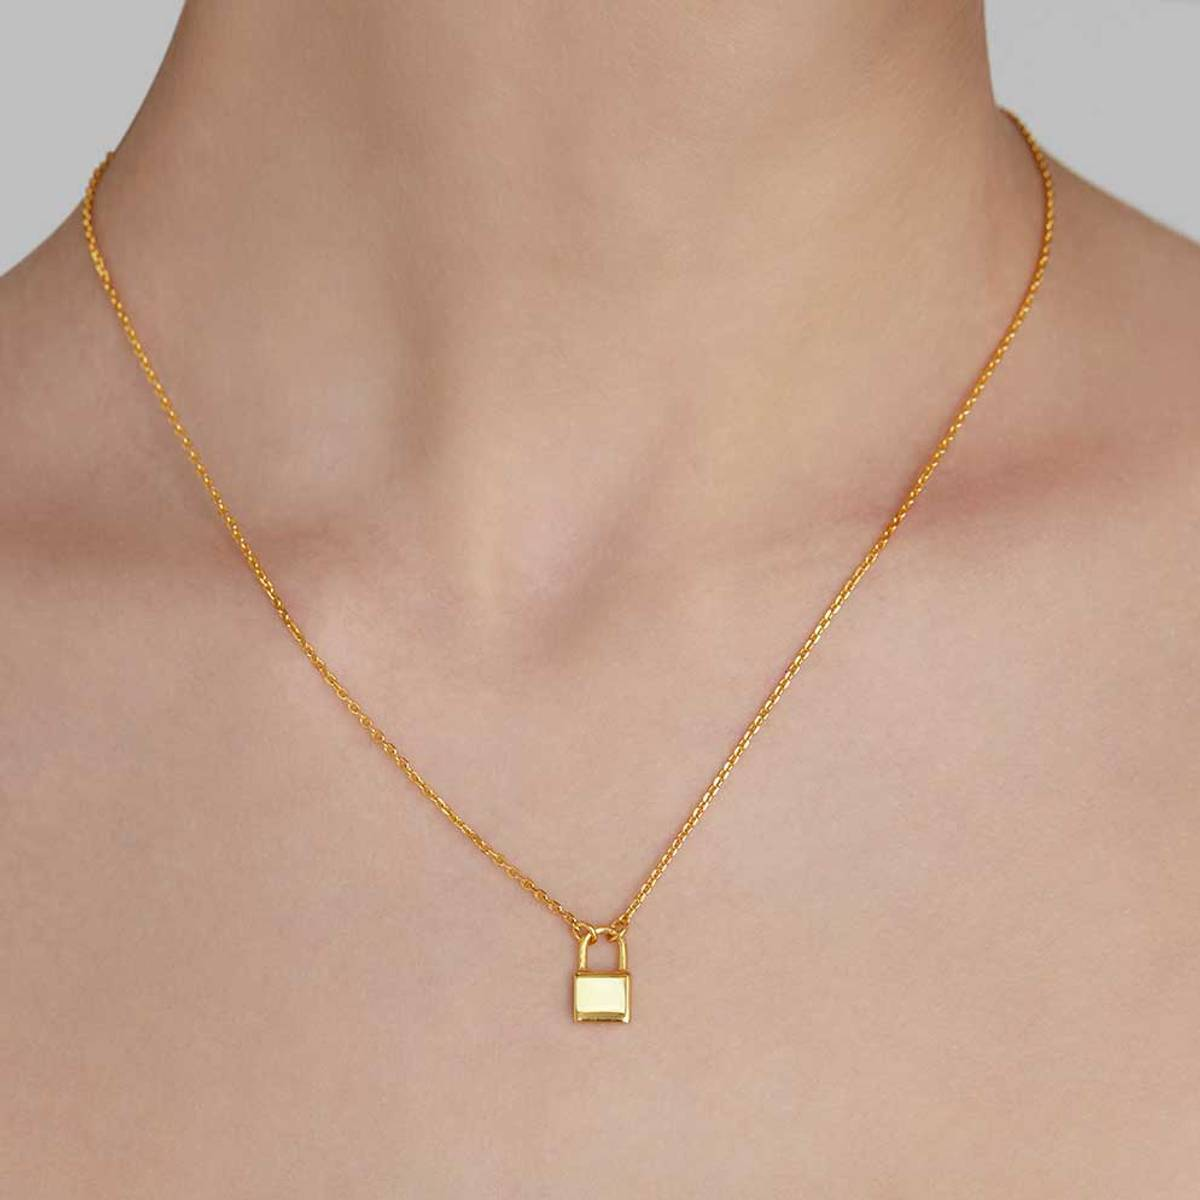 Kjærlighetslås - Gullbelagt sølvsmykke